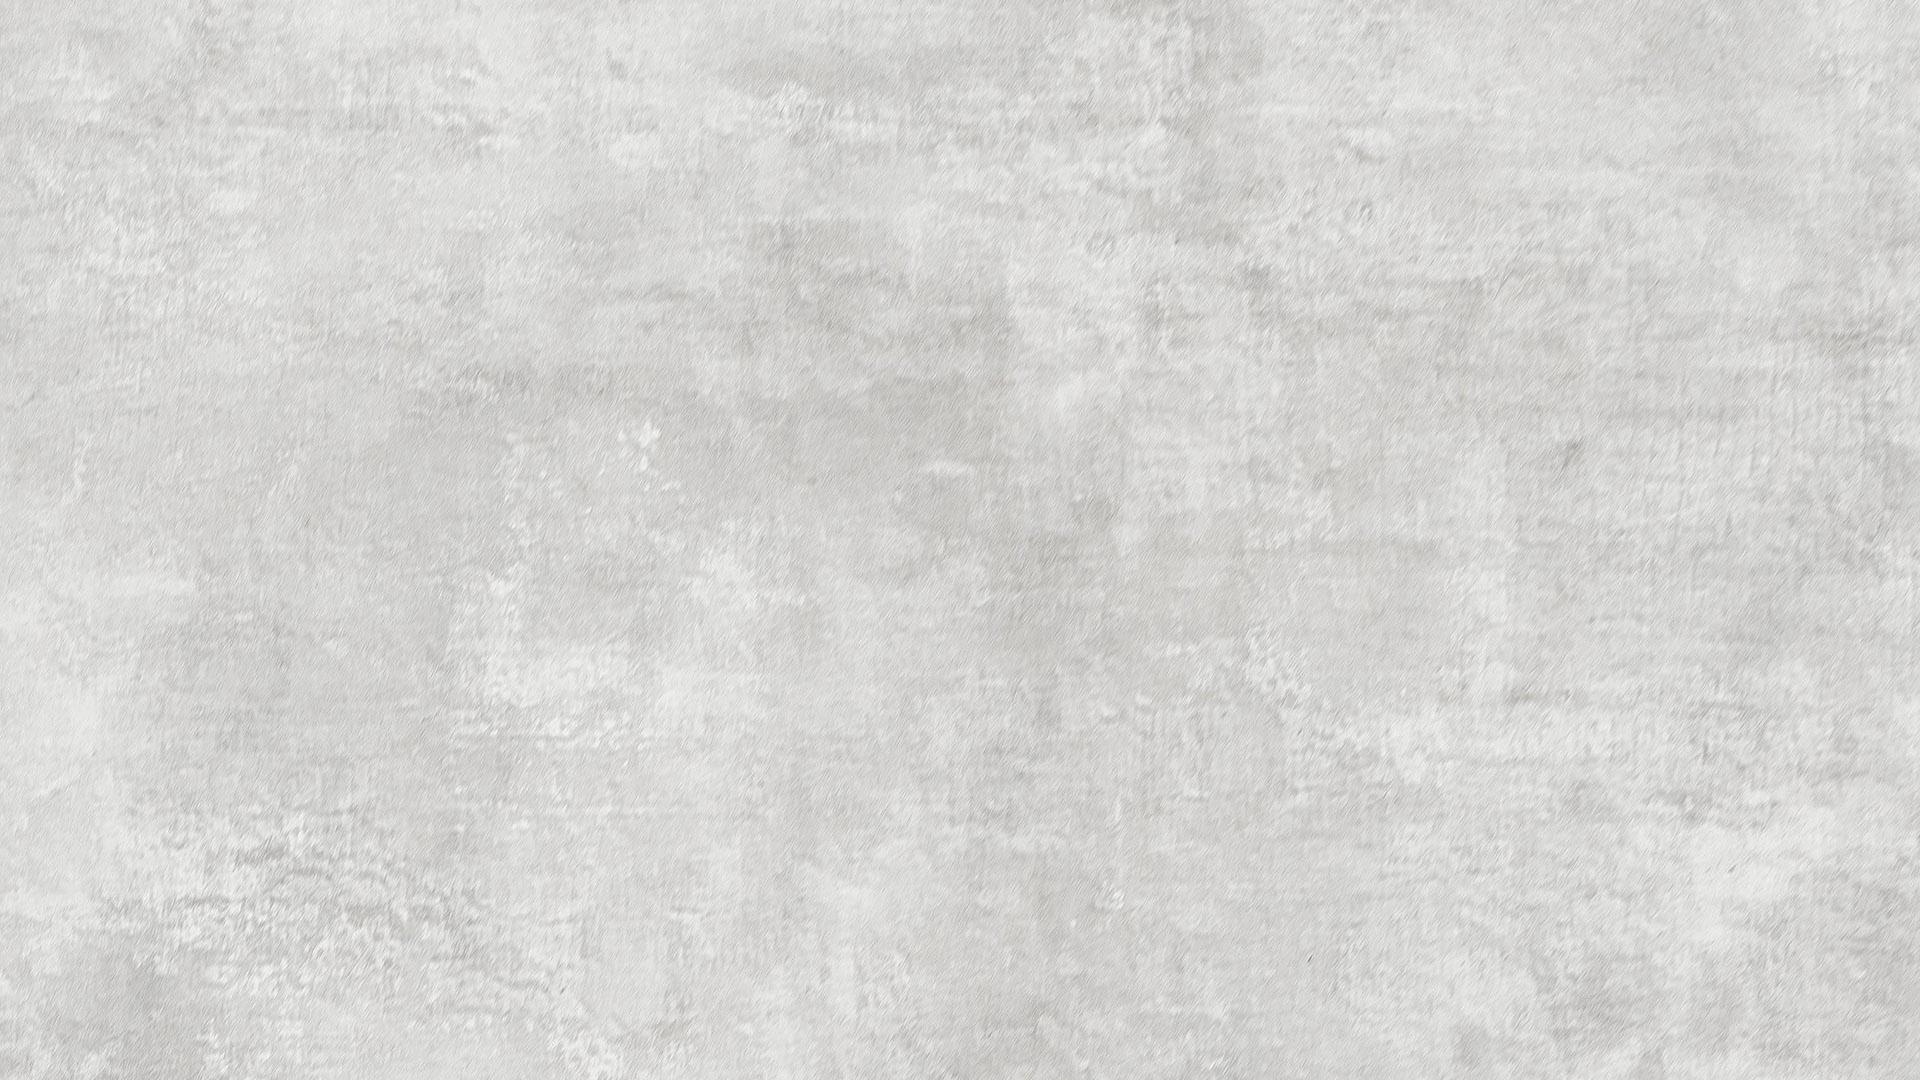 HPL Tischplatte 95 x 95 x 1,3 cm, C-Profil